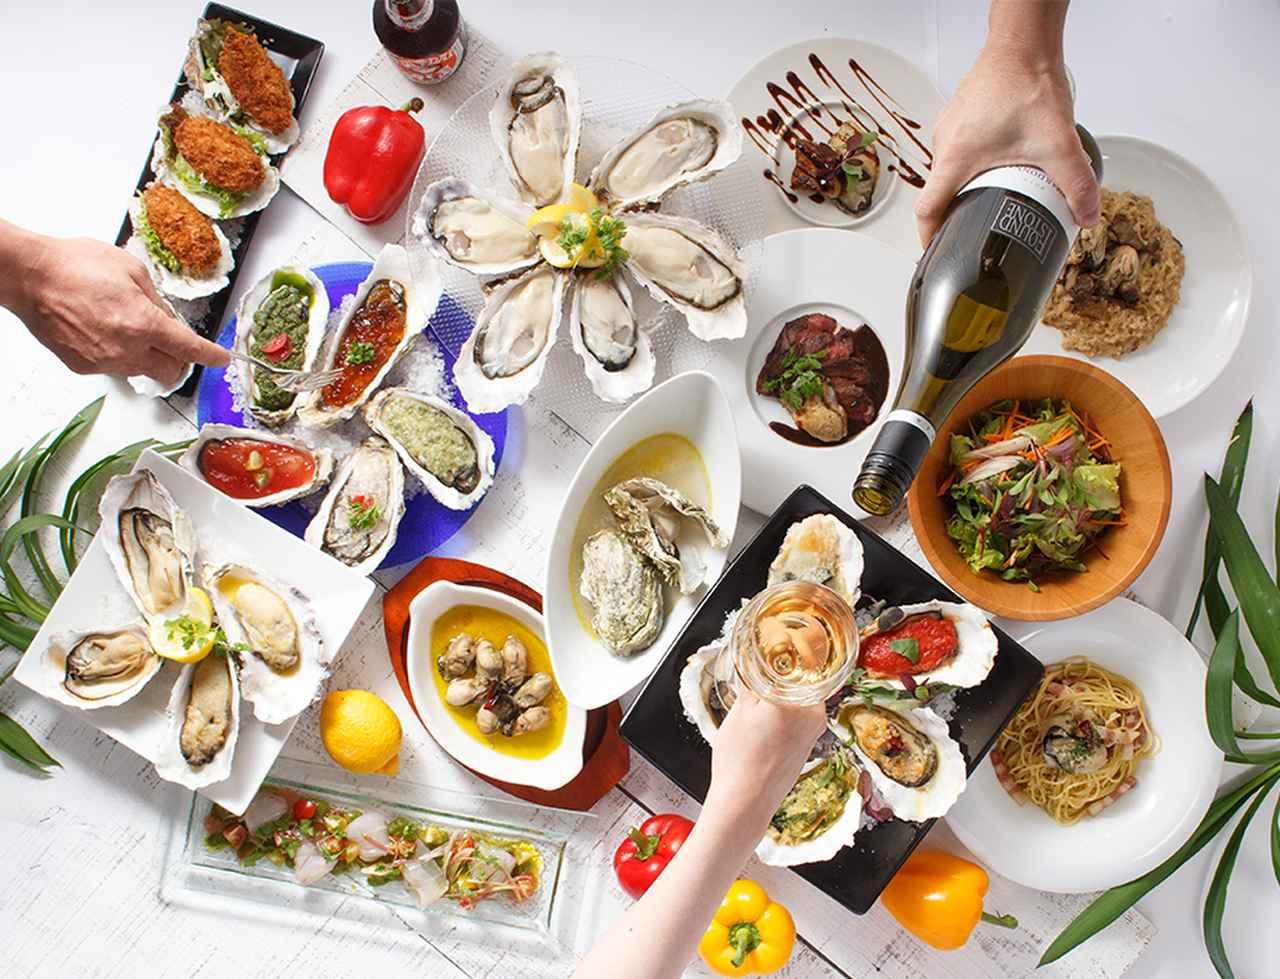 画像3: 生牡蠣・カキフライなど人気牡蠣料理18品含むオイスターバーの30品のテーブルオーダーバイキング!